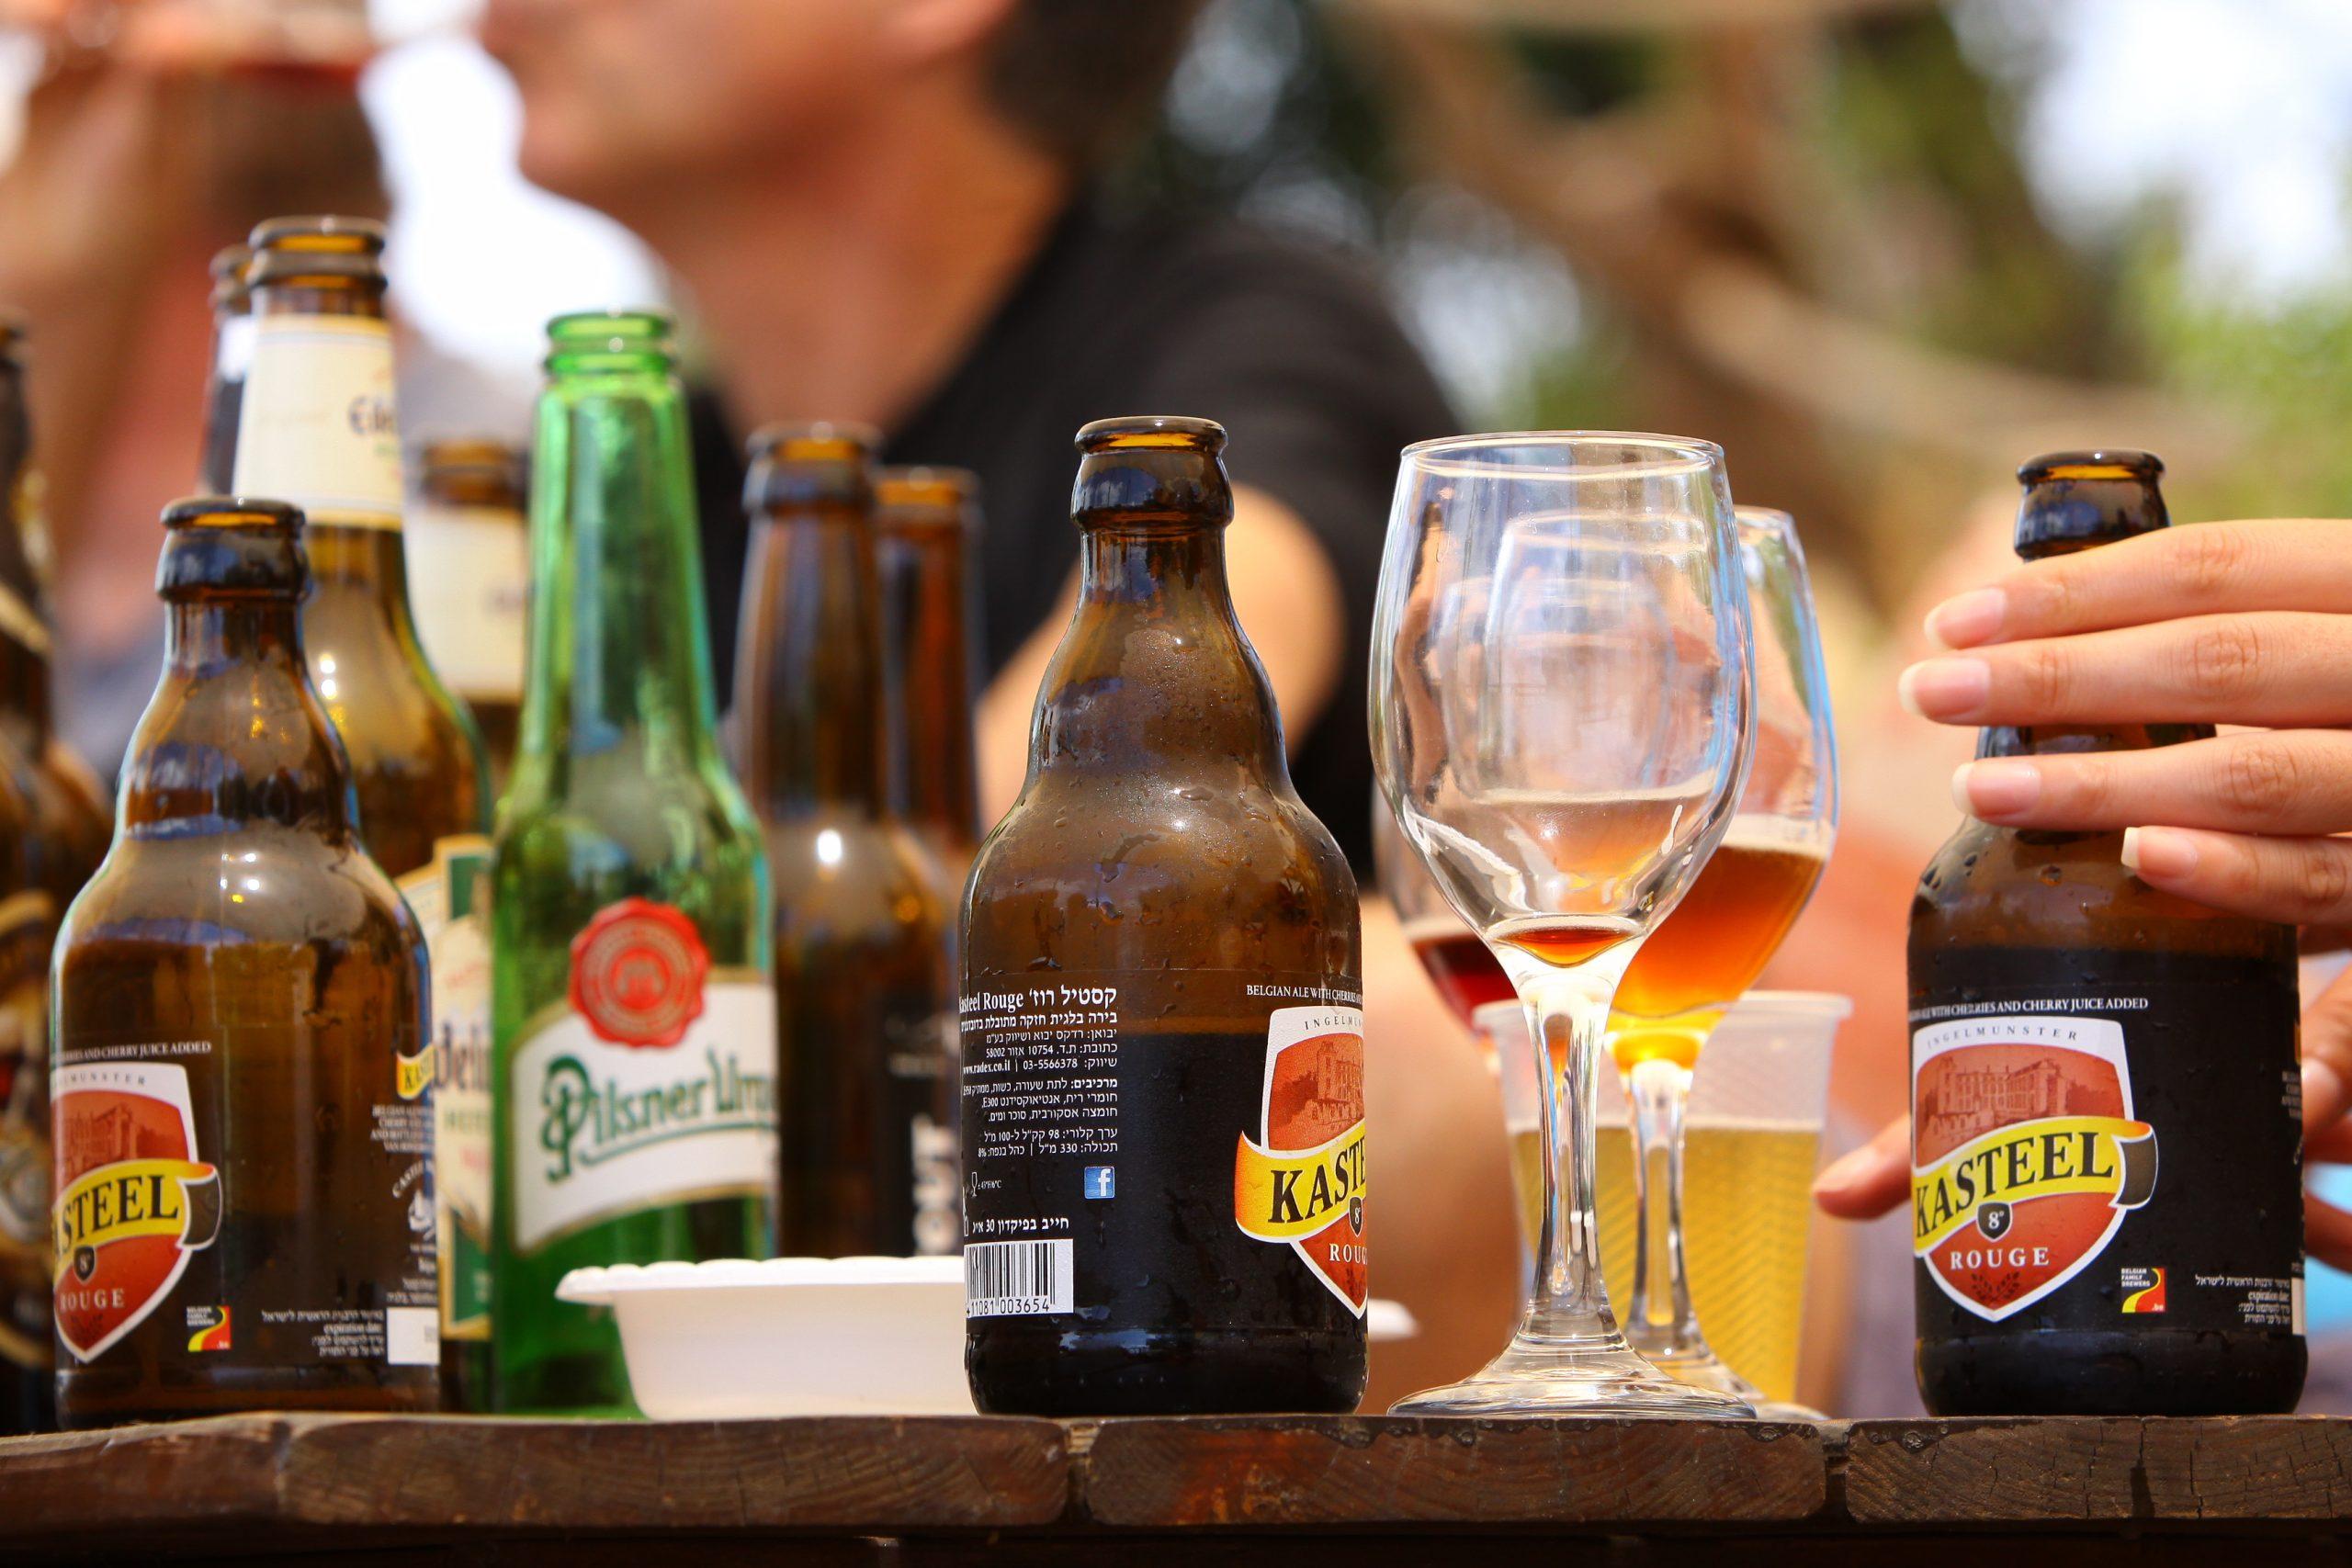 סדנת בירה, טעימות בירה, סדנאות בירה, סדנאות גיבוש לעובדים, ימי כיף וגיבוש לעובדים, רעיונות לפעילות גיבוש לעובדים